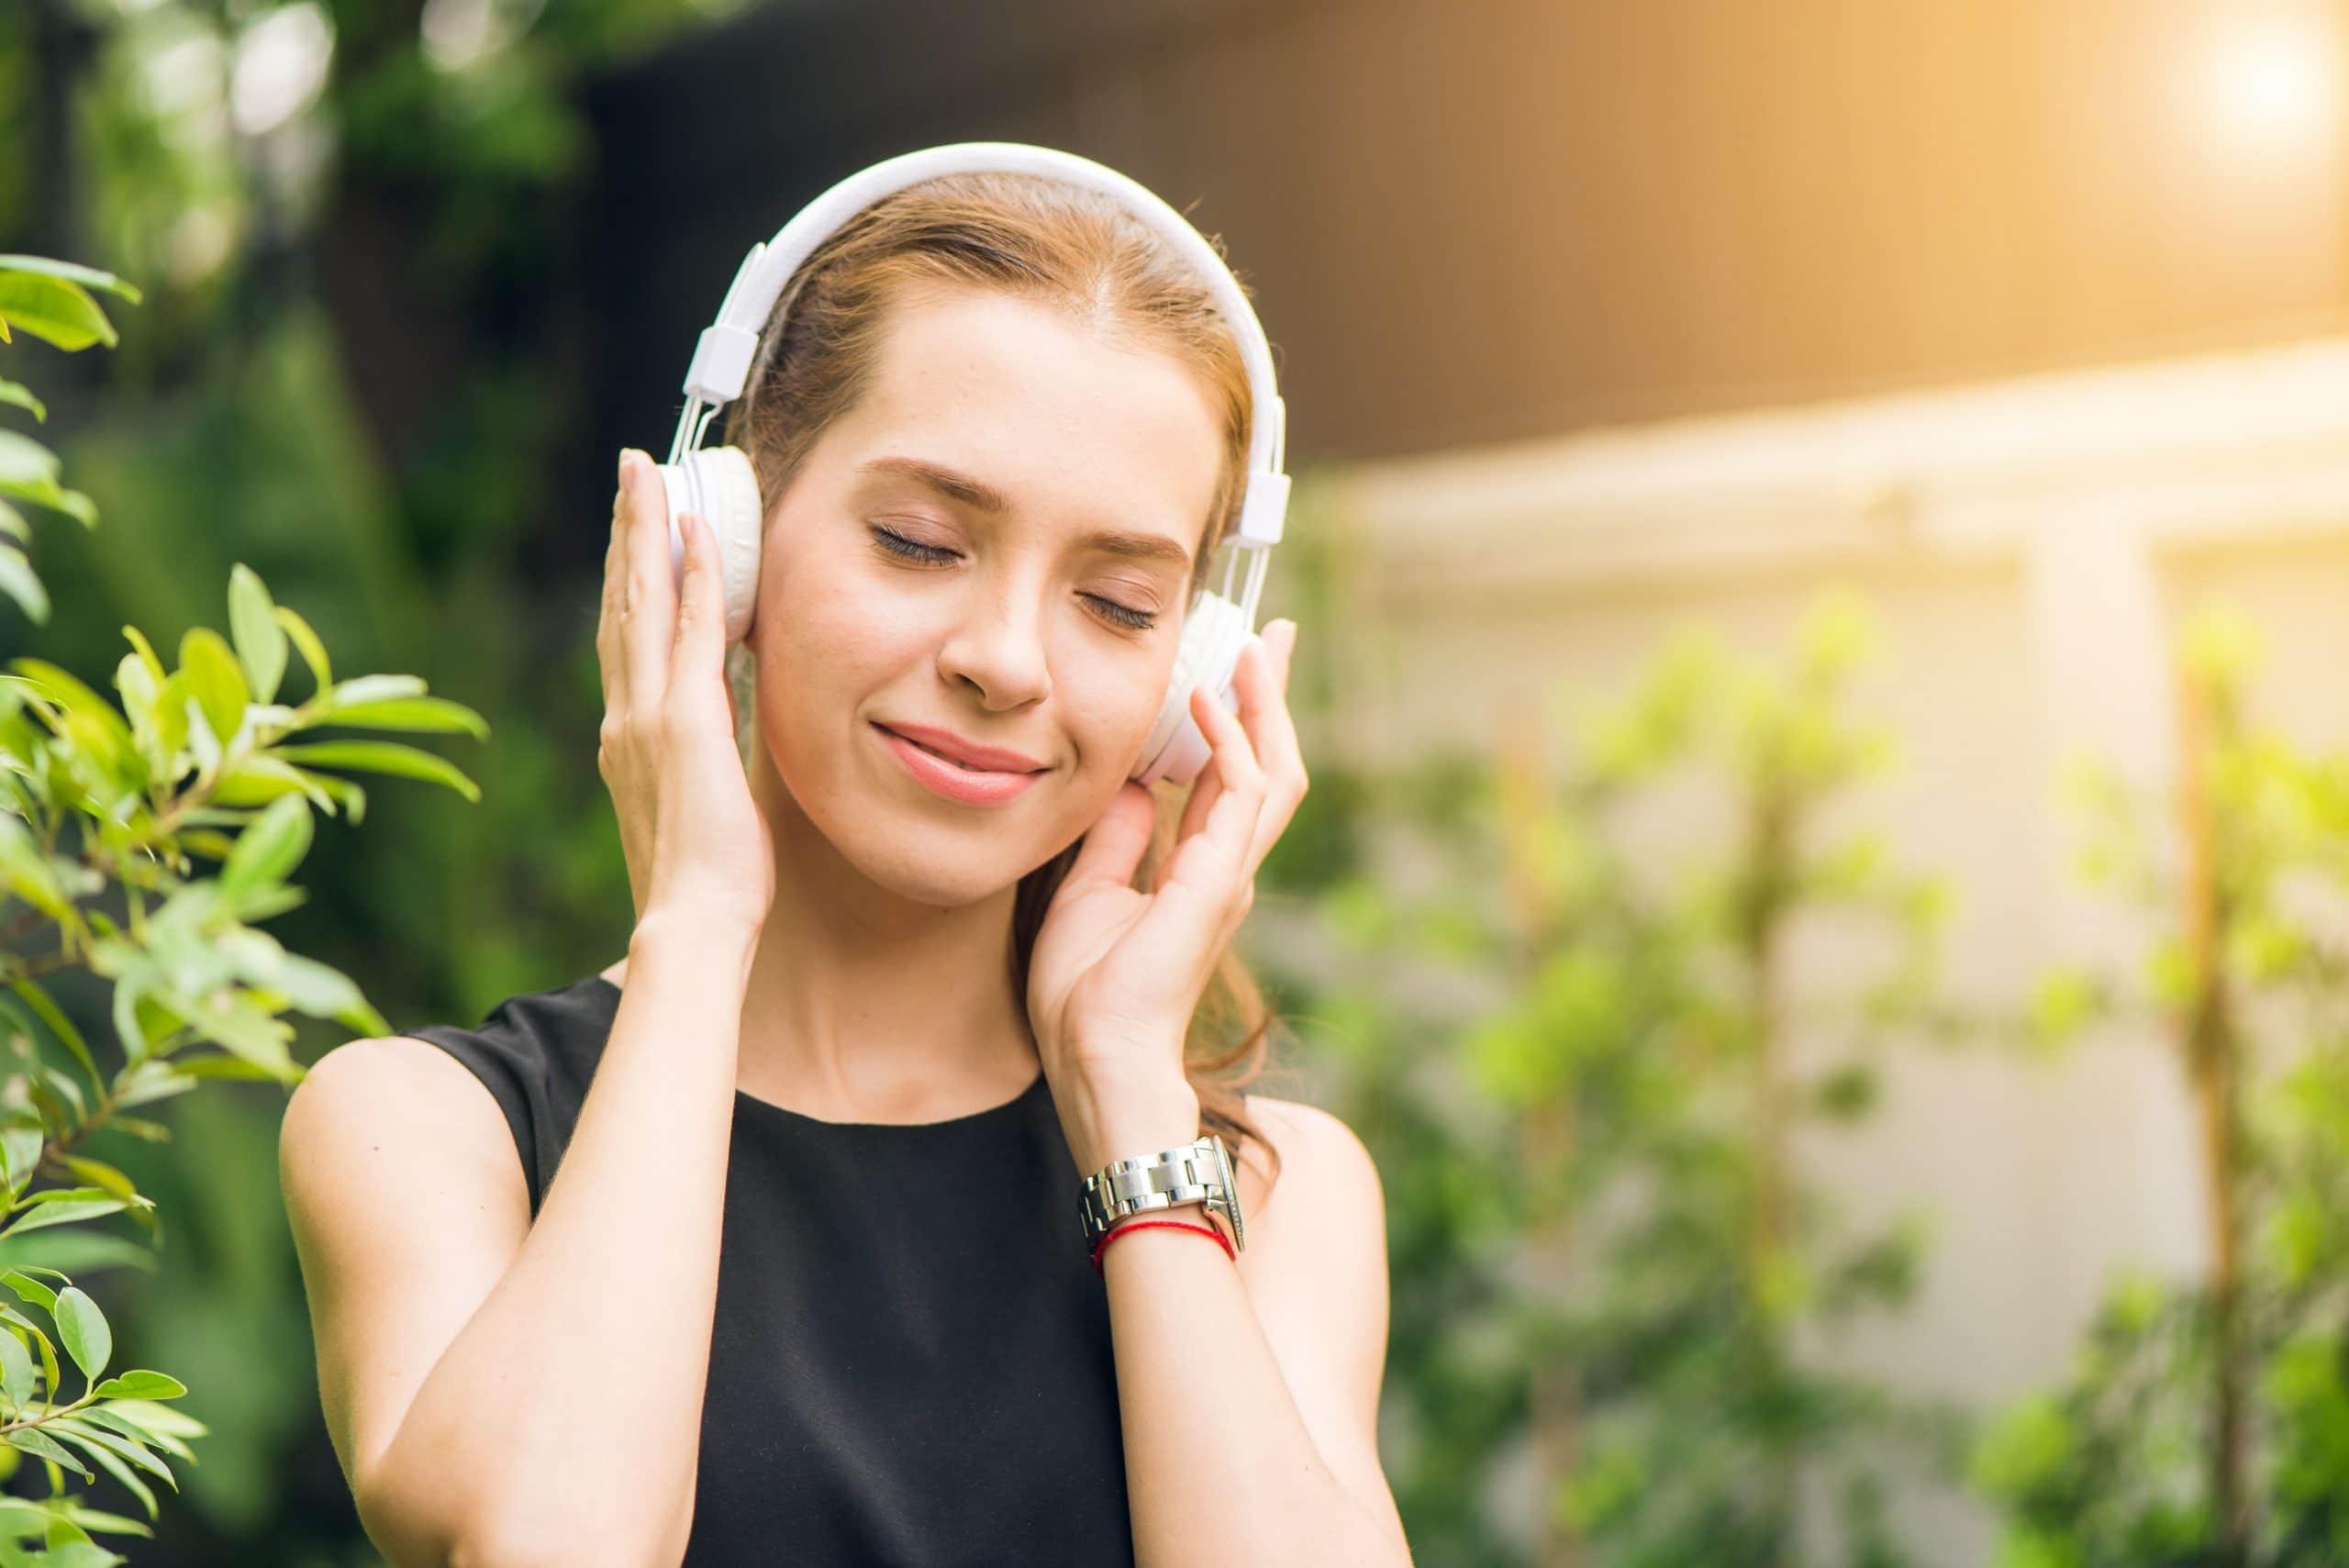 Mulher jovem ouvindo música no fone de ouvido em meio a um ambiente cheio de plantas.